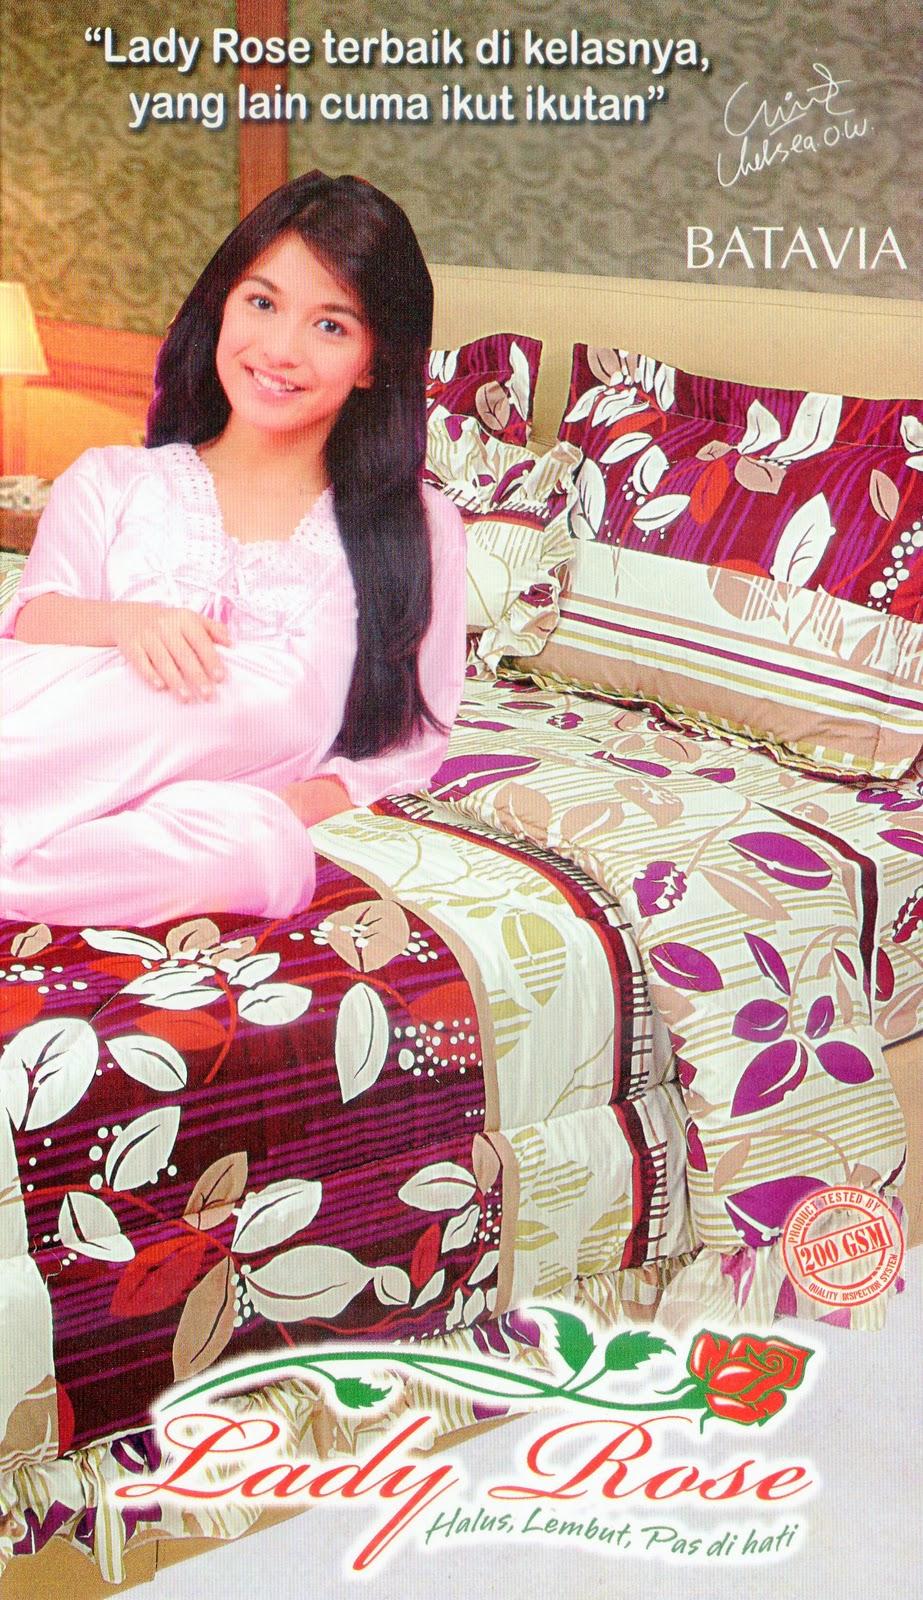 Bed Cover Lady Rose King Purple Daftar Harga Termurah Dan Seprei Ladyrose 180x200 B2g2 Alila Internal Group Tersedia Ukuran Sprei Bantal 4